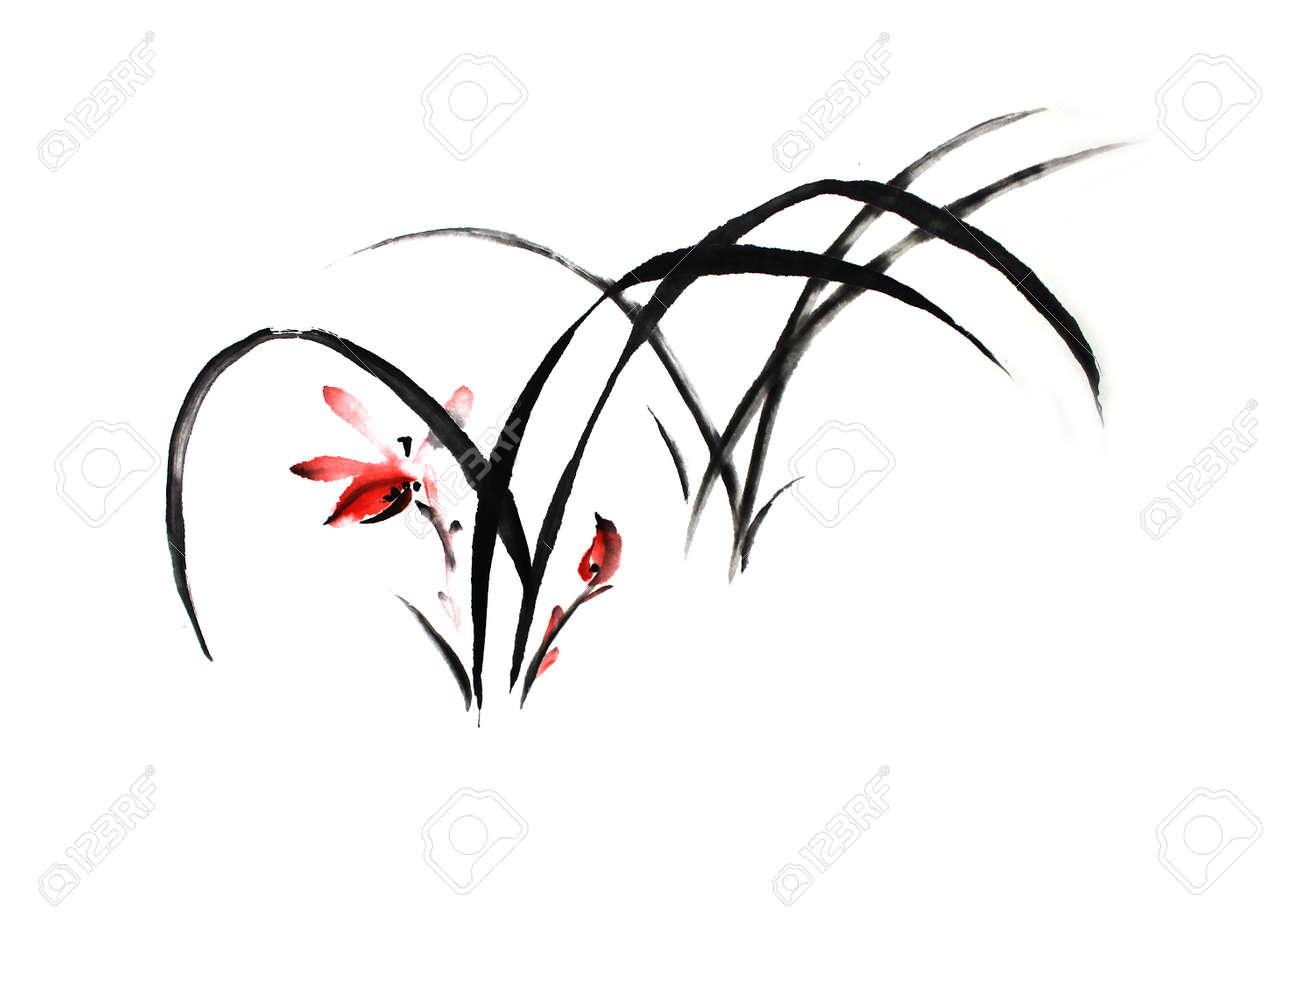 Banque d\u0027images , Peinture chinoise de fleur orchidée sur fond blanc.